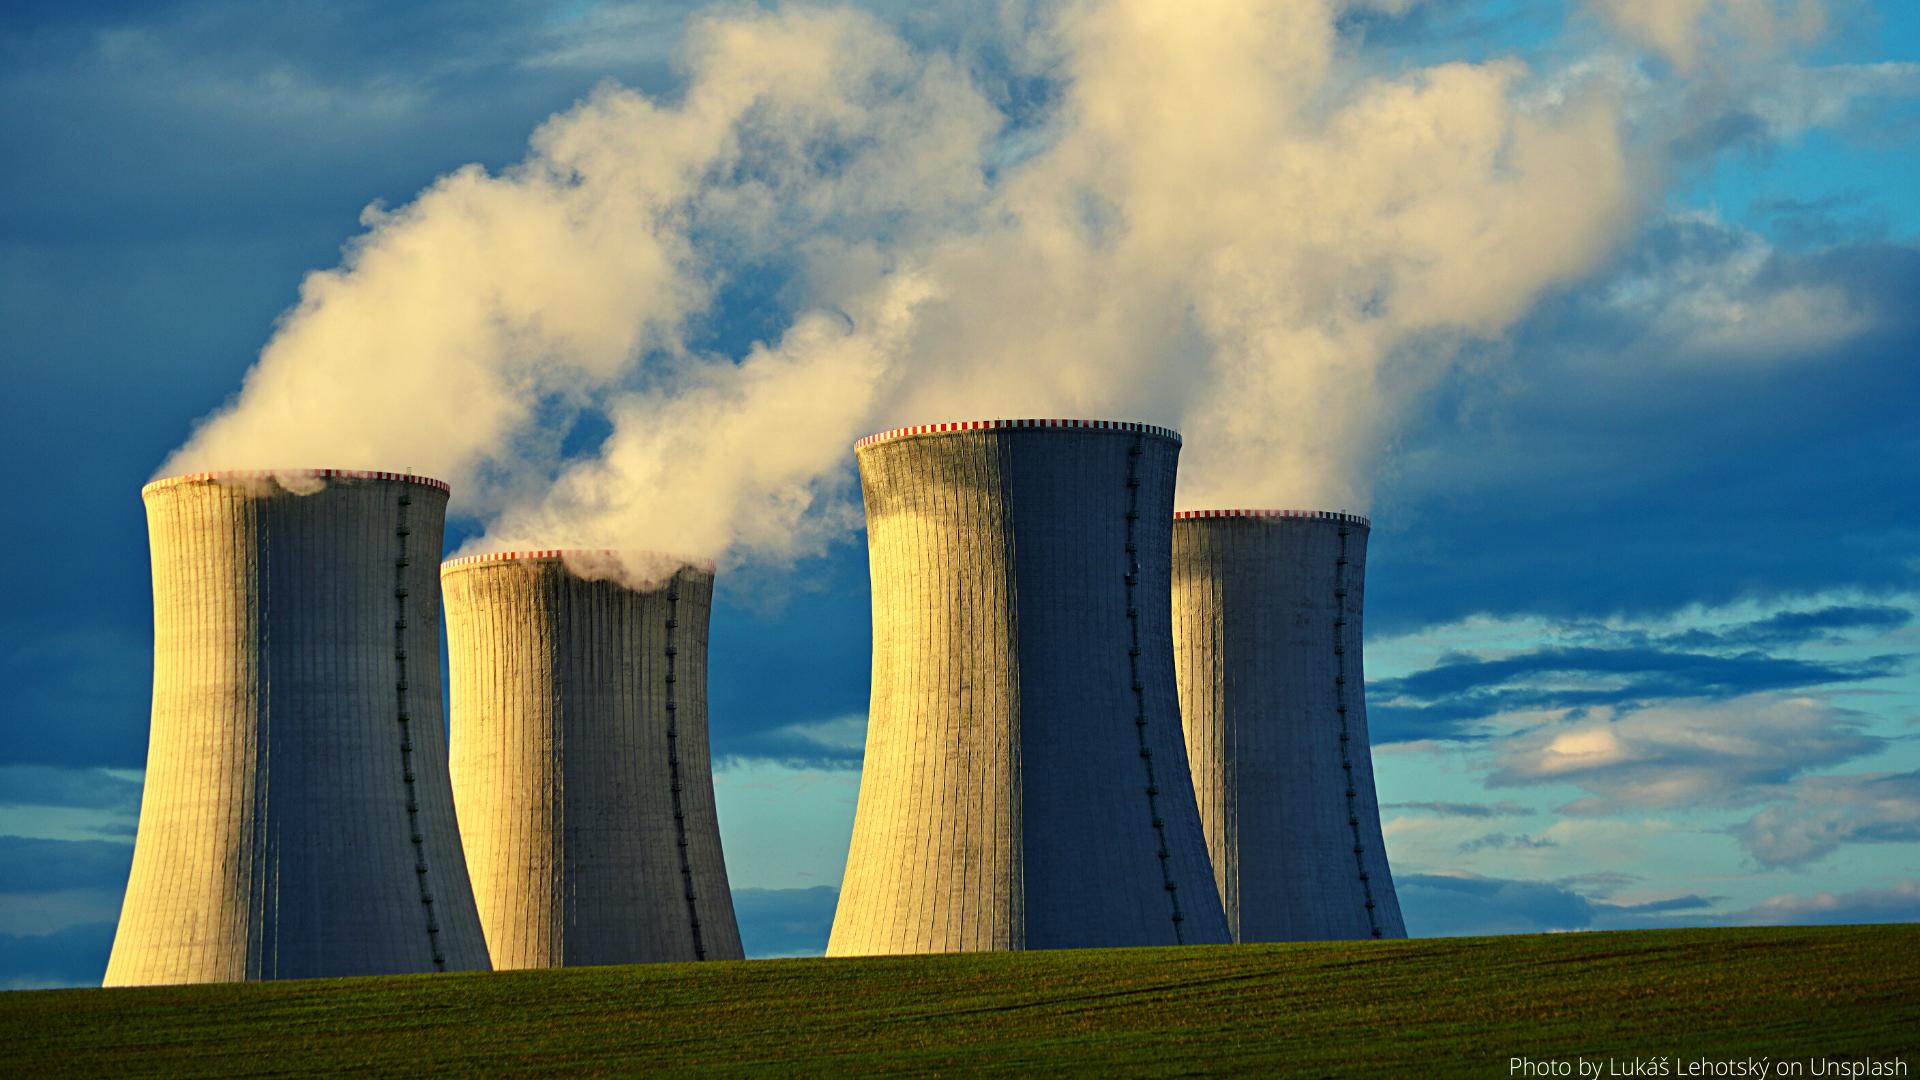 Photo by Lukáš Lehotský on Unsplash of Dukany energy plant